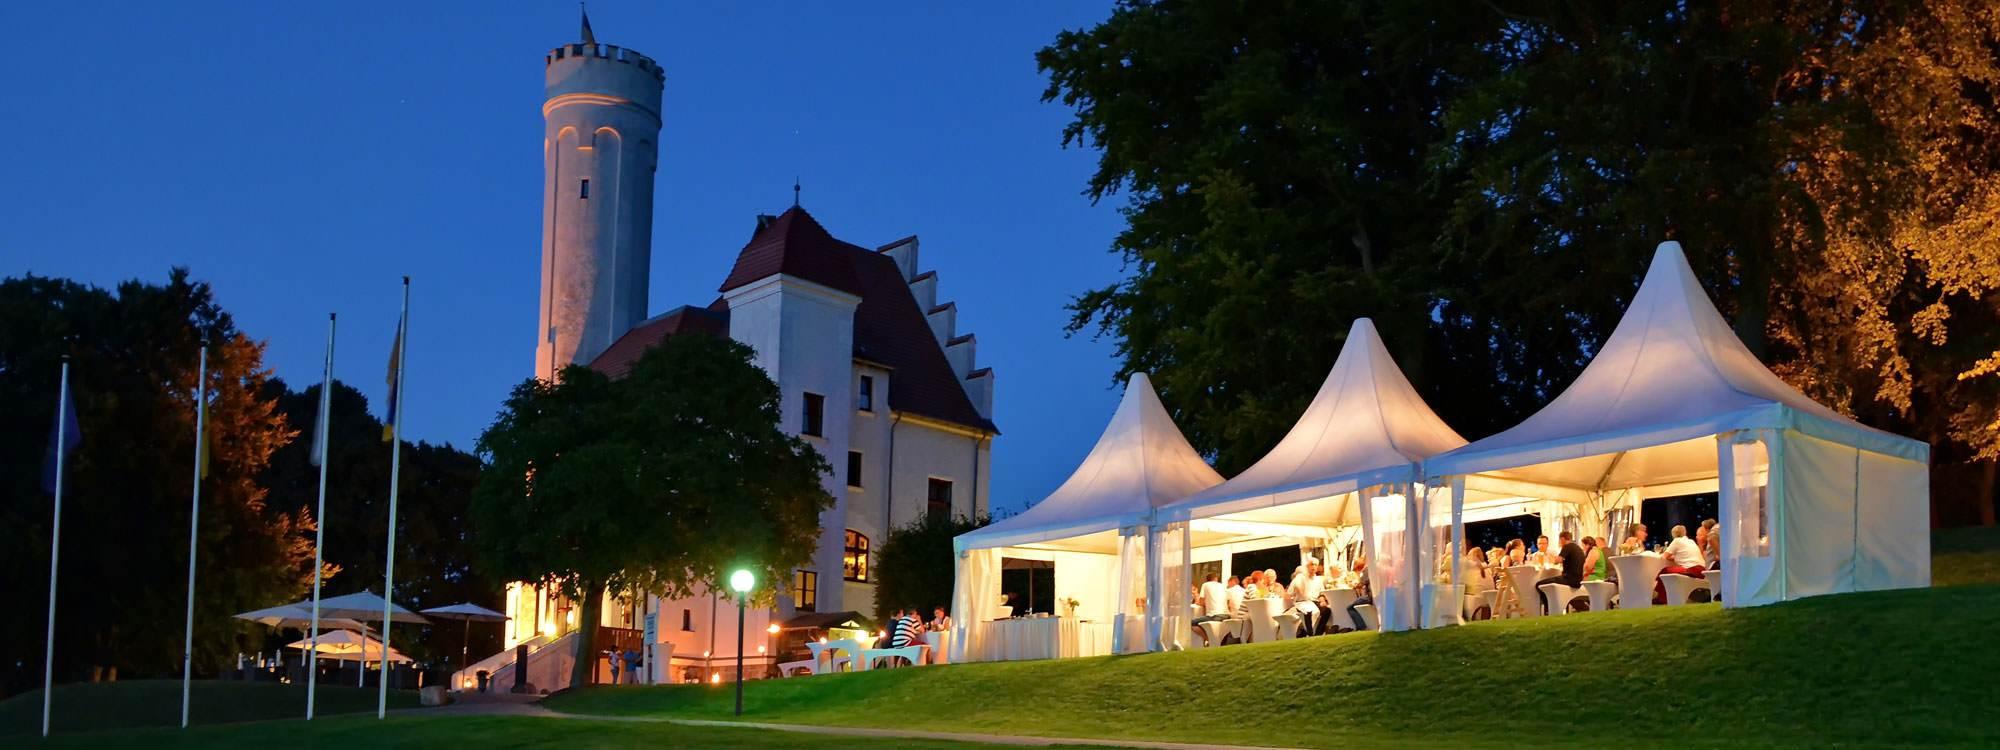 hotel schloss ranzow lohme ruegen hochzeitslocation slider | Hochzeitsportal Rügen